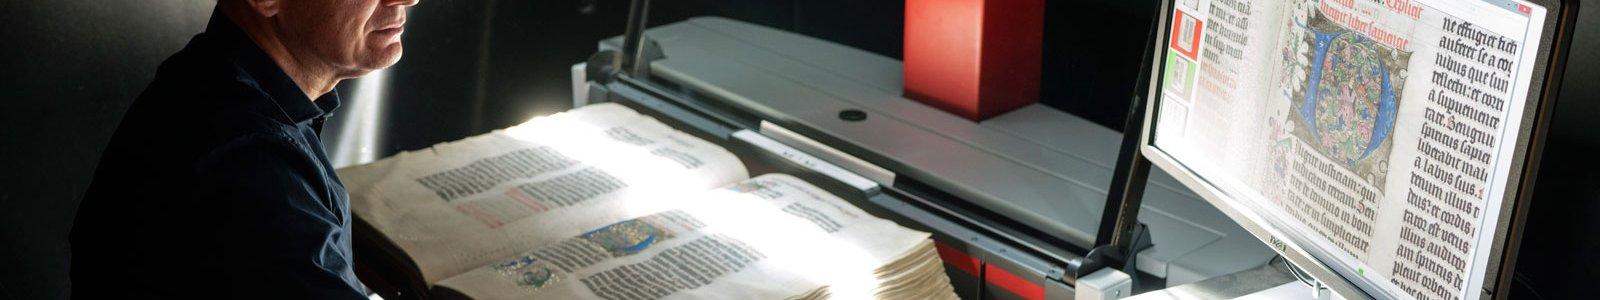 scanner bijzondere collecties handschrift